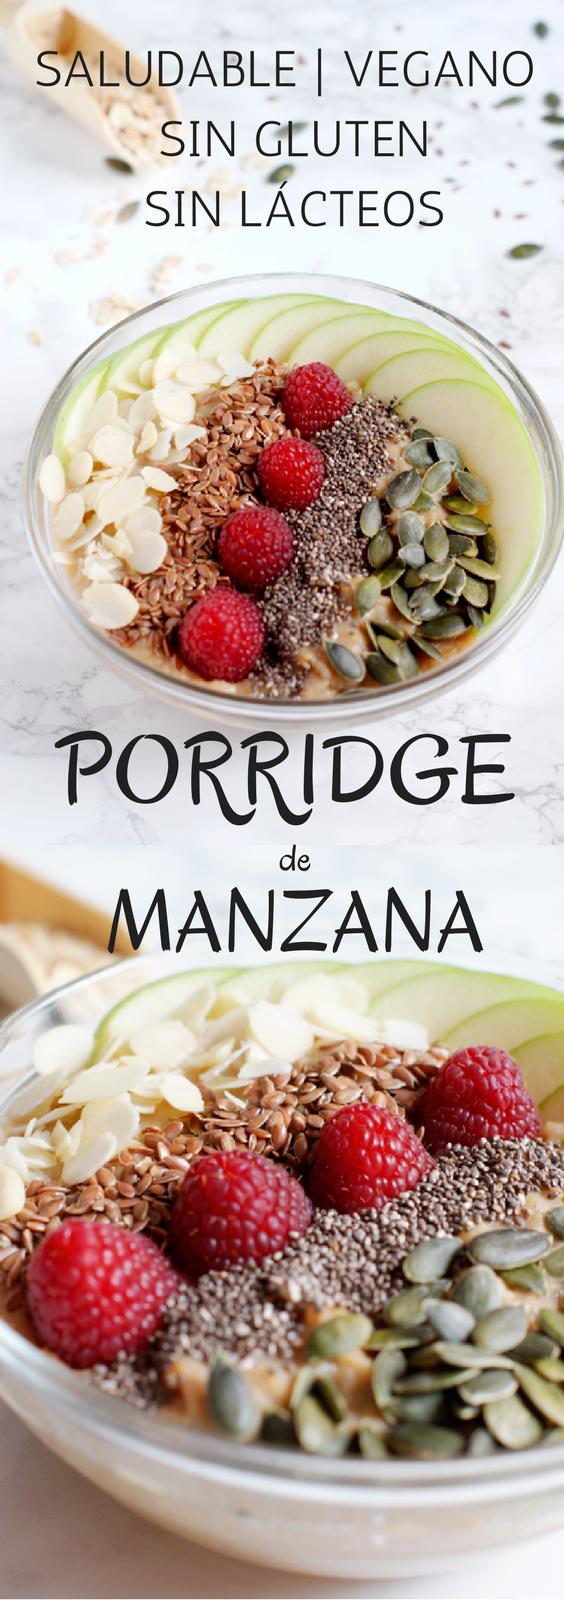 Receta de brunch saludable - Porridge de manzana